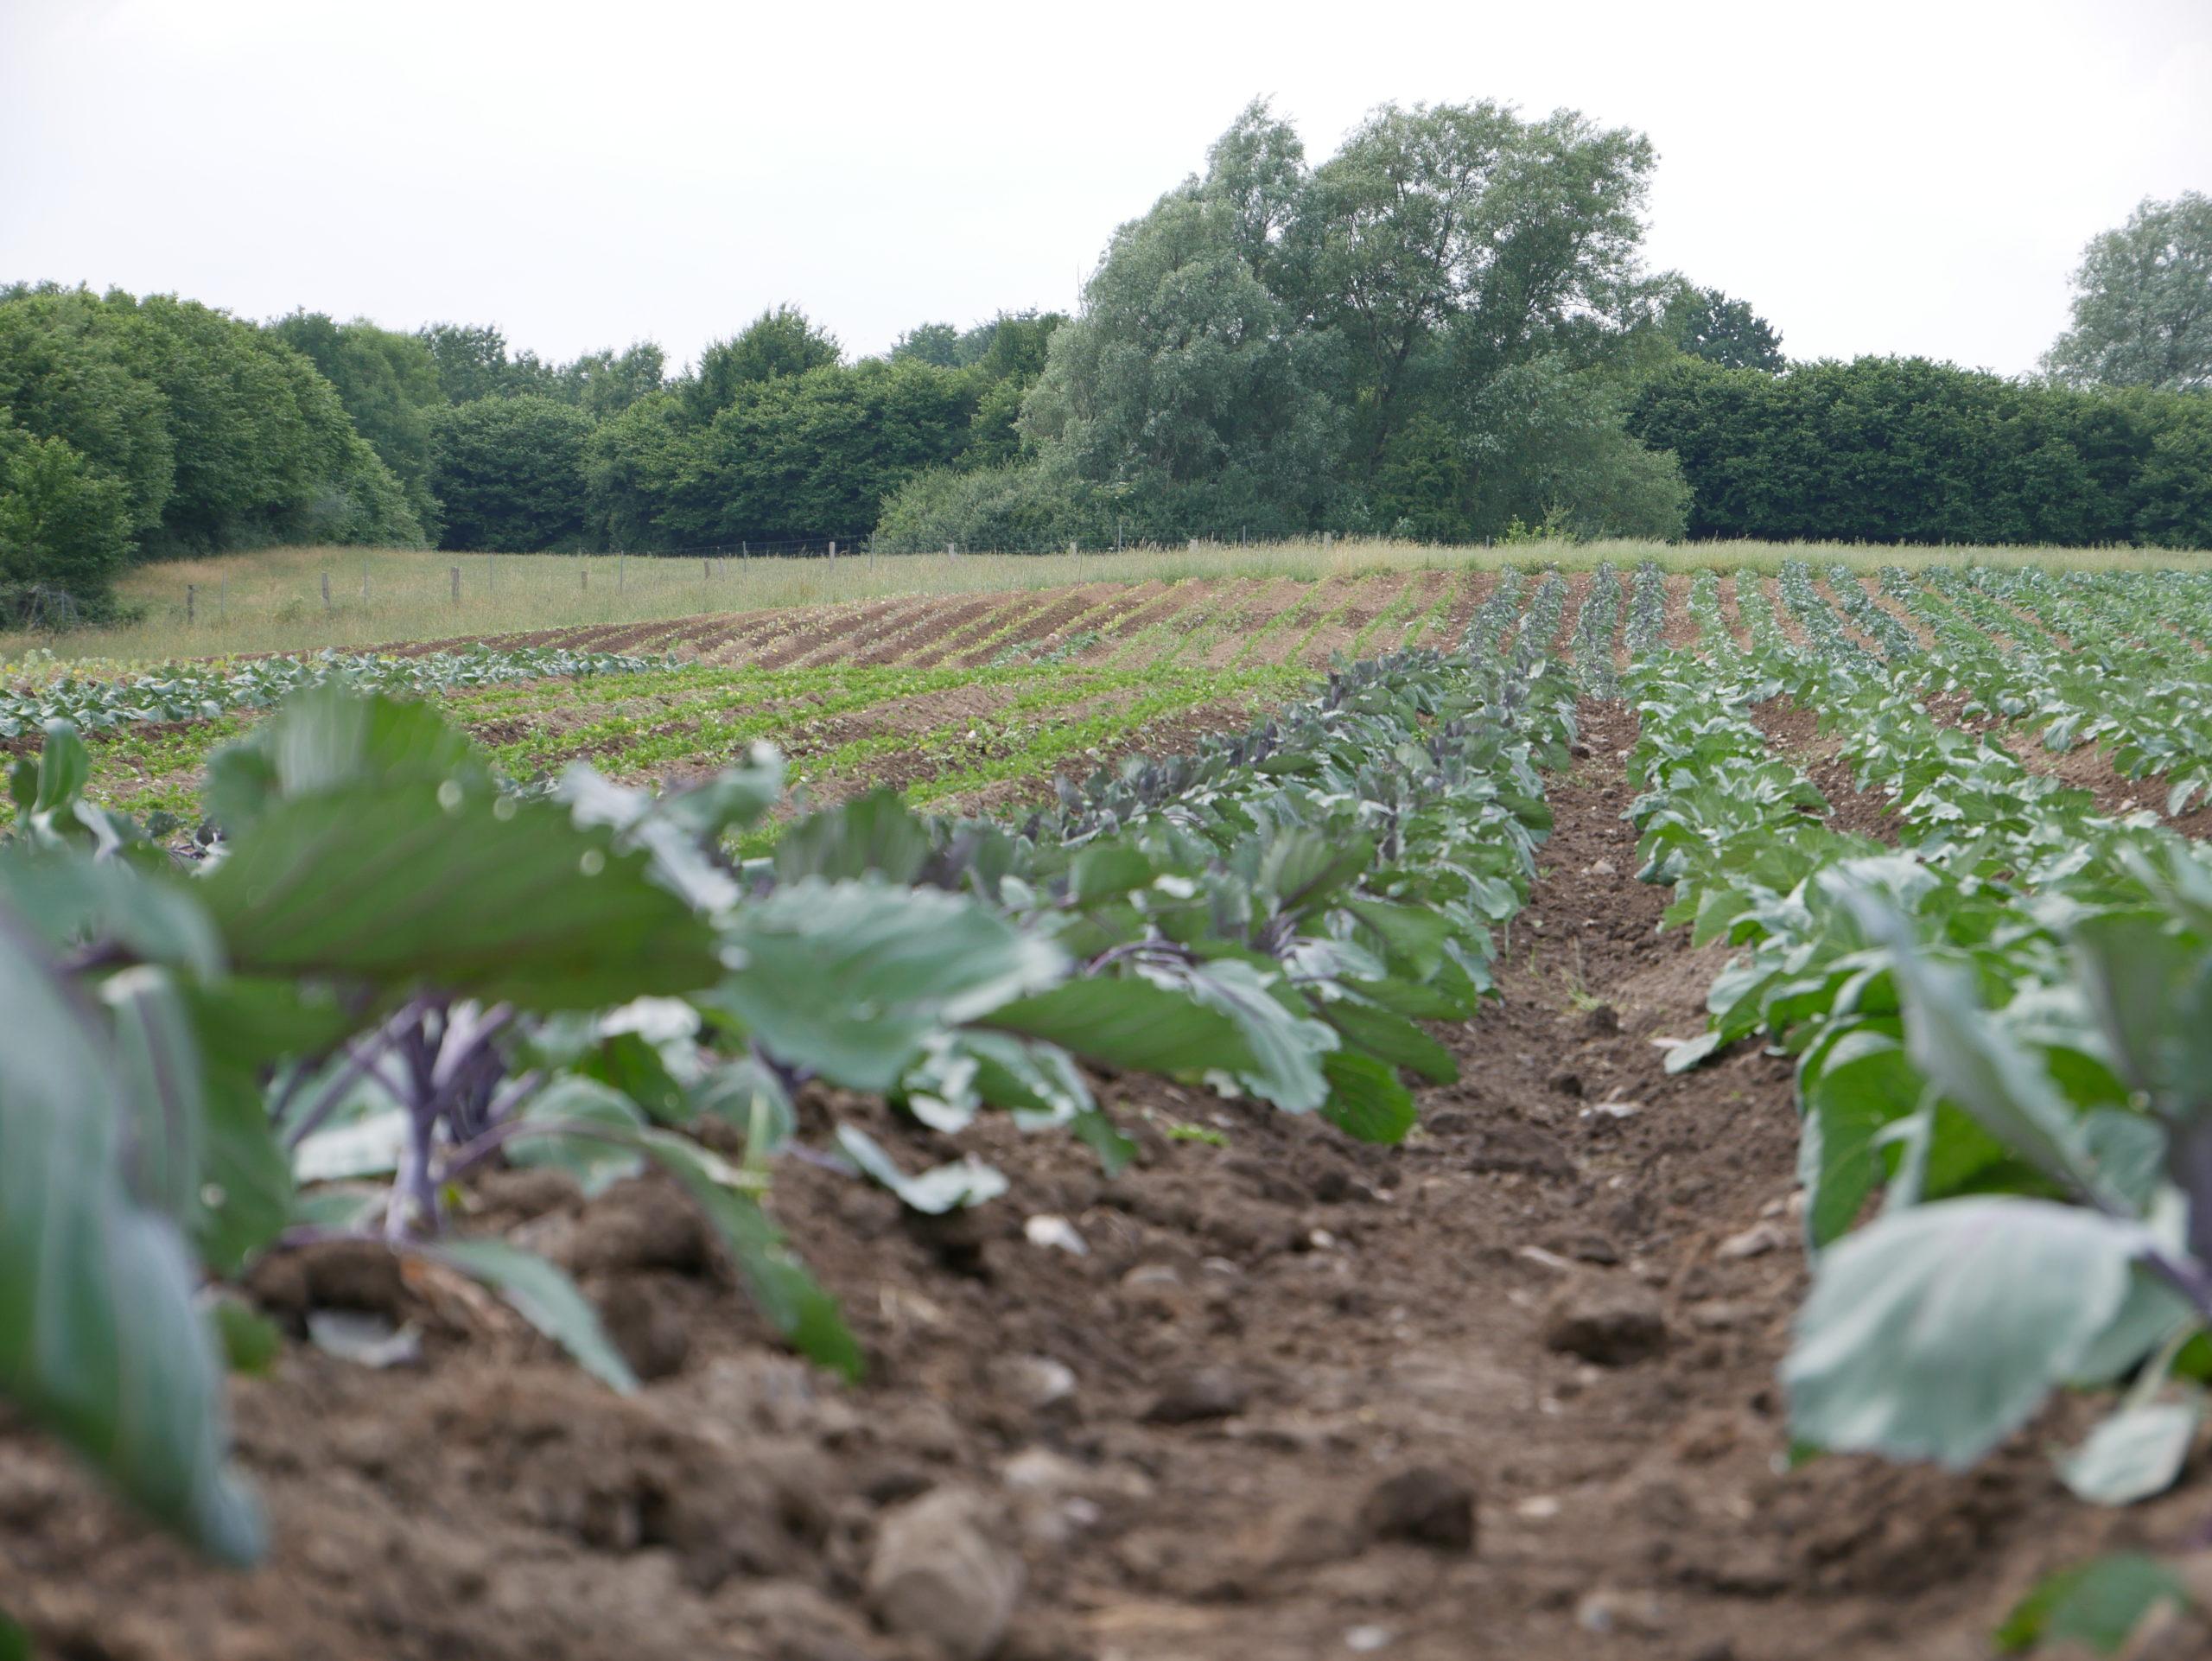 Gemüse wächst auf bepflanzten Ackerflächten